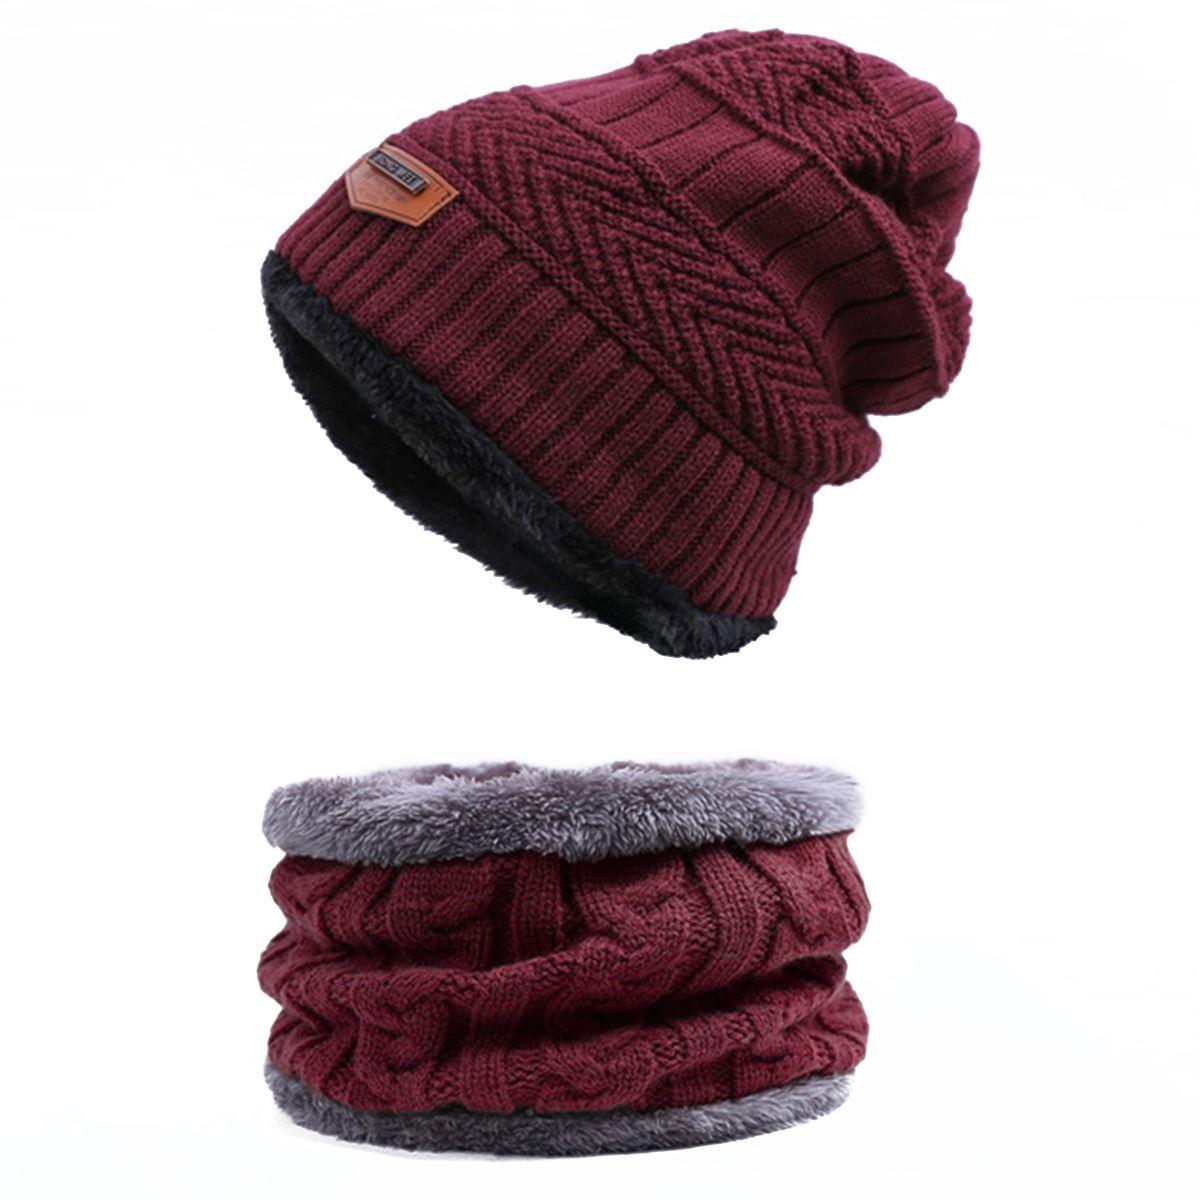 Evrfelan, комплект из двух предметов, зимняя шапка и шарф для мужчин, зимние шапочки, шарфы, мужские зимние комплекты, толстый хлопок, теплые зимние аксессуары - Цвет: D